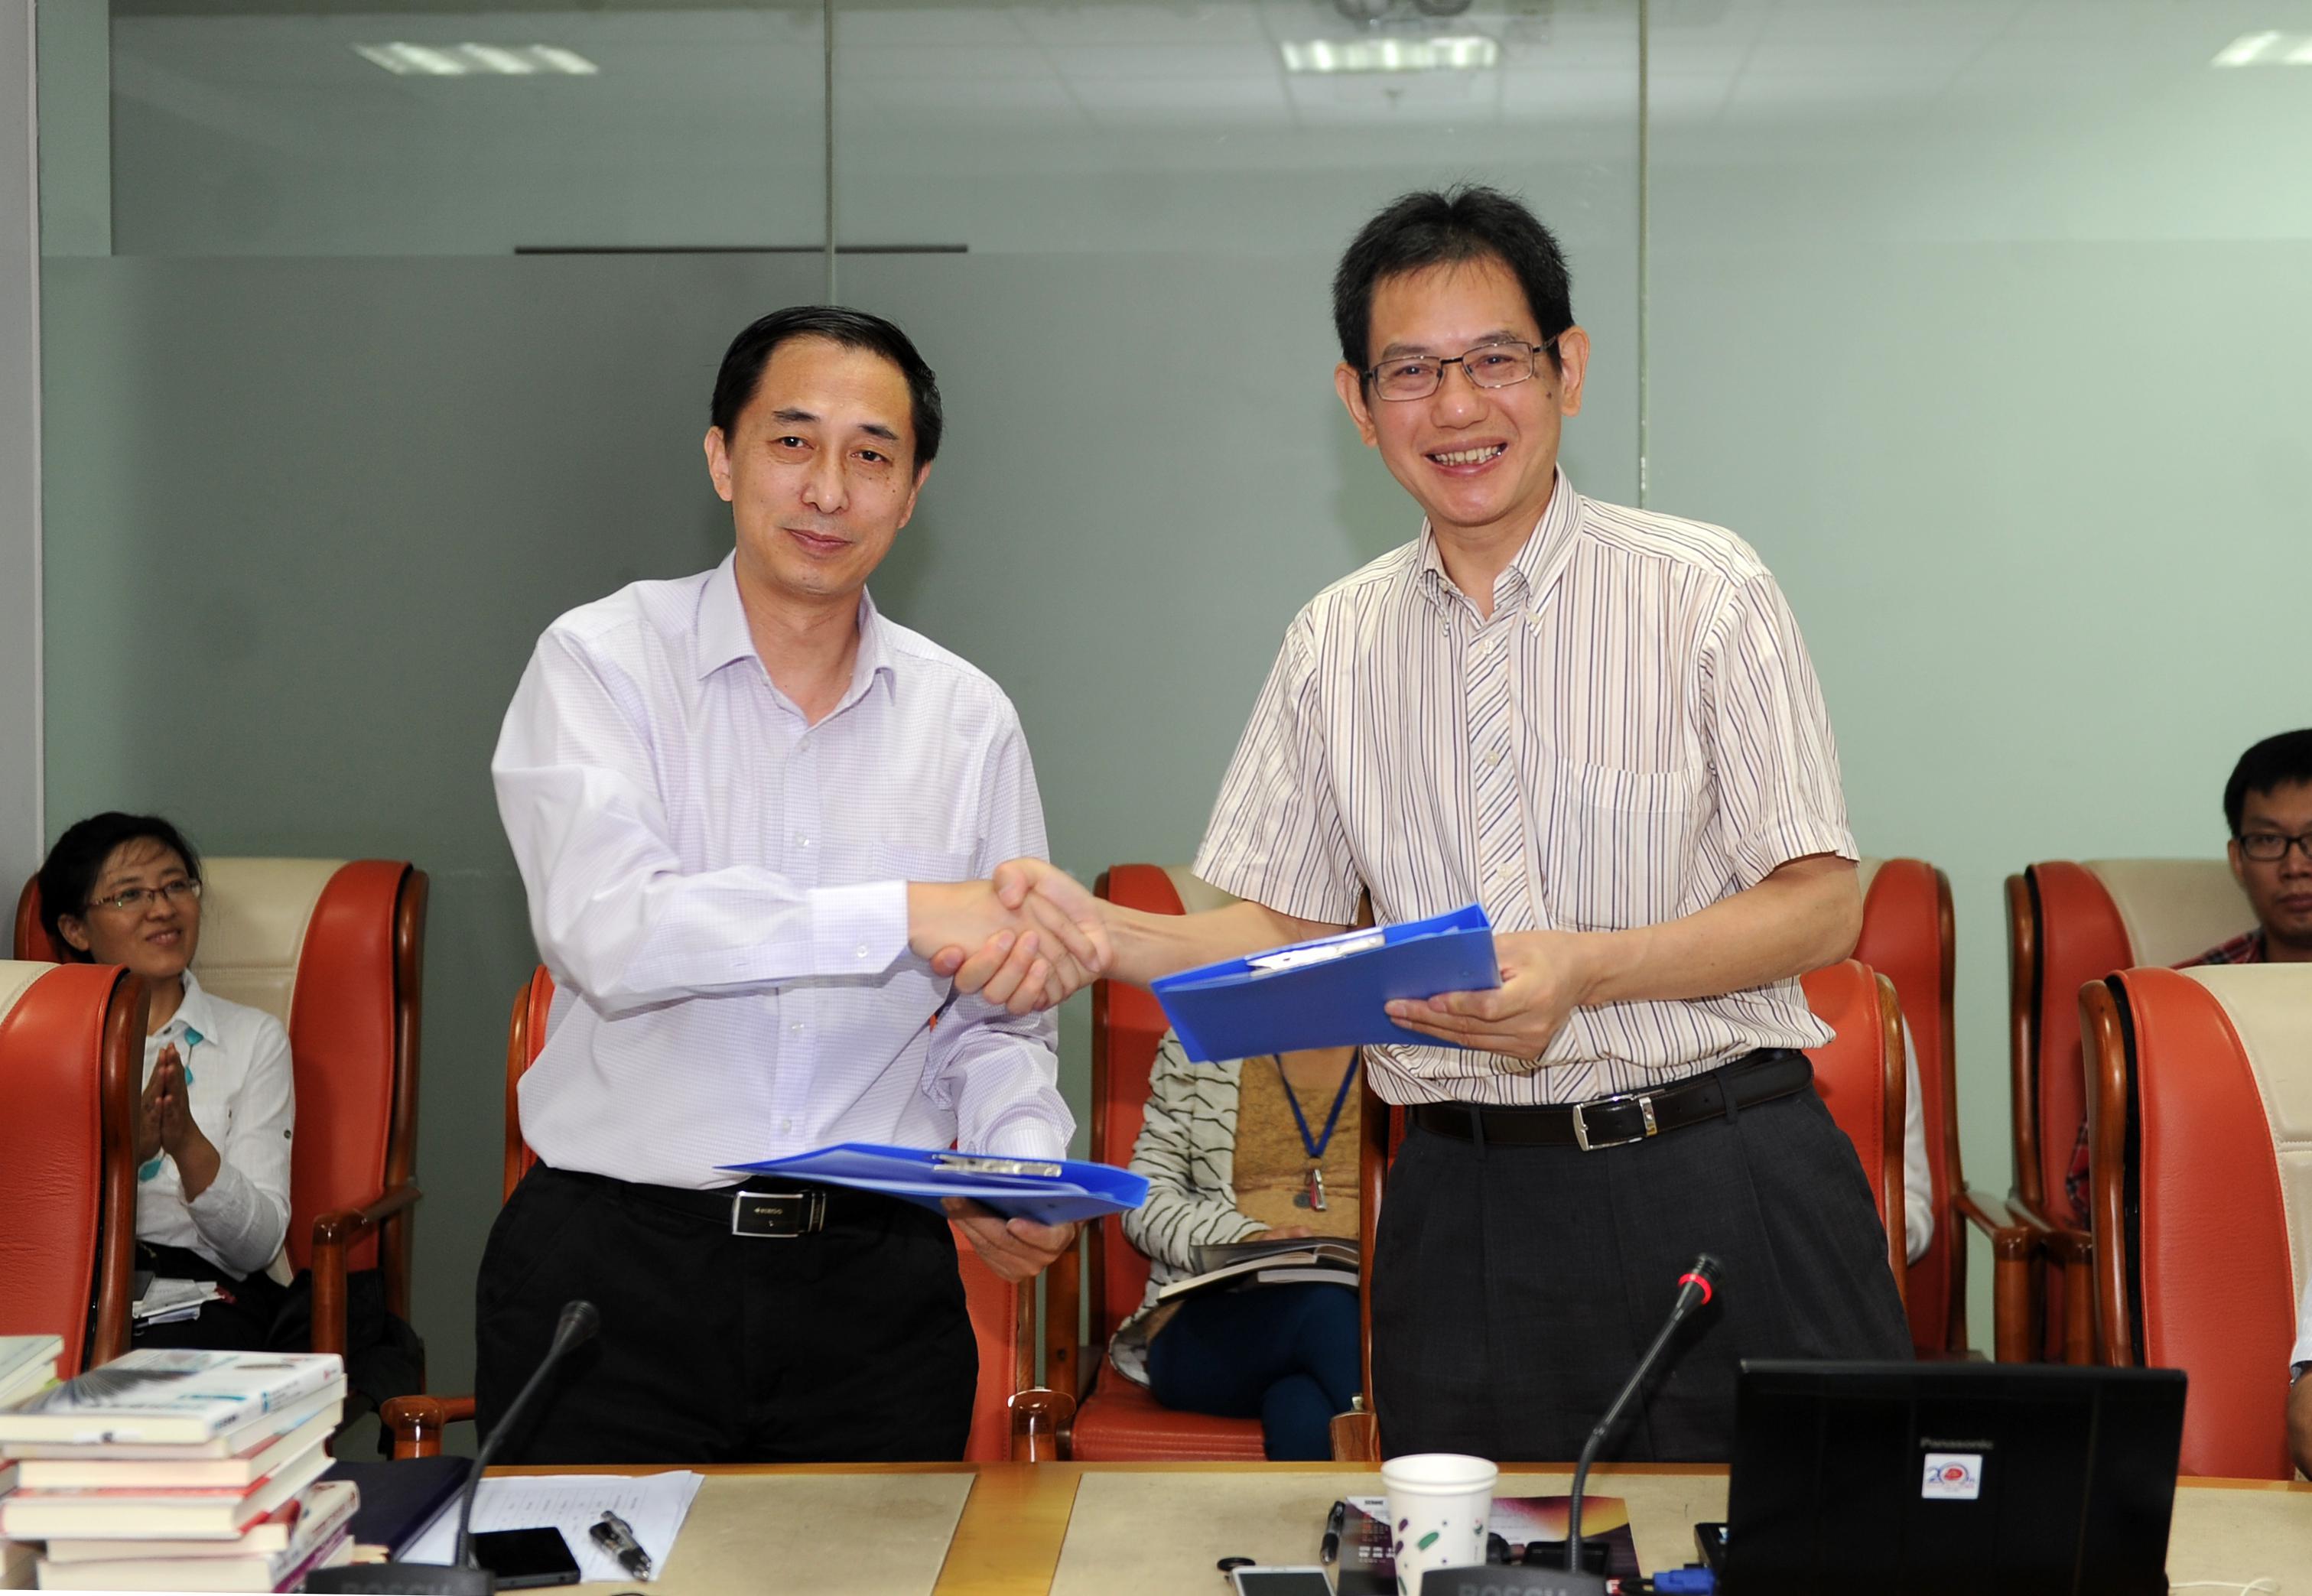 中国书籍出版社与日本侨报出版社达成战略合作_d0027795_16113022.jpg